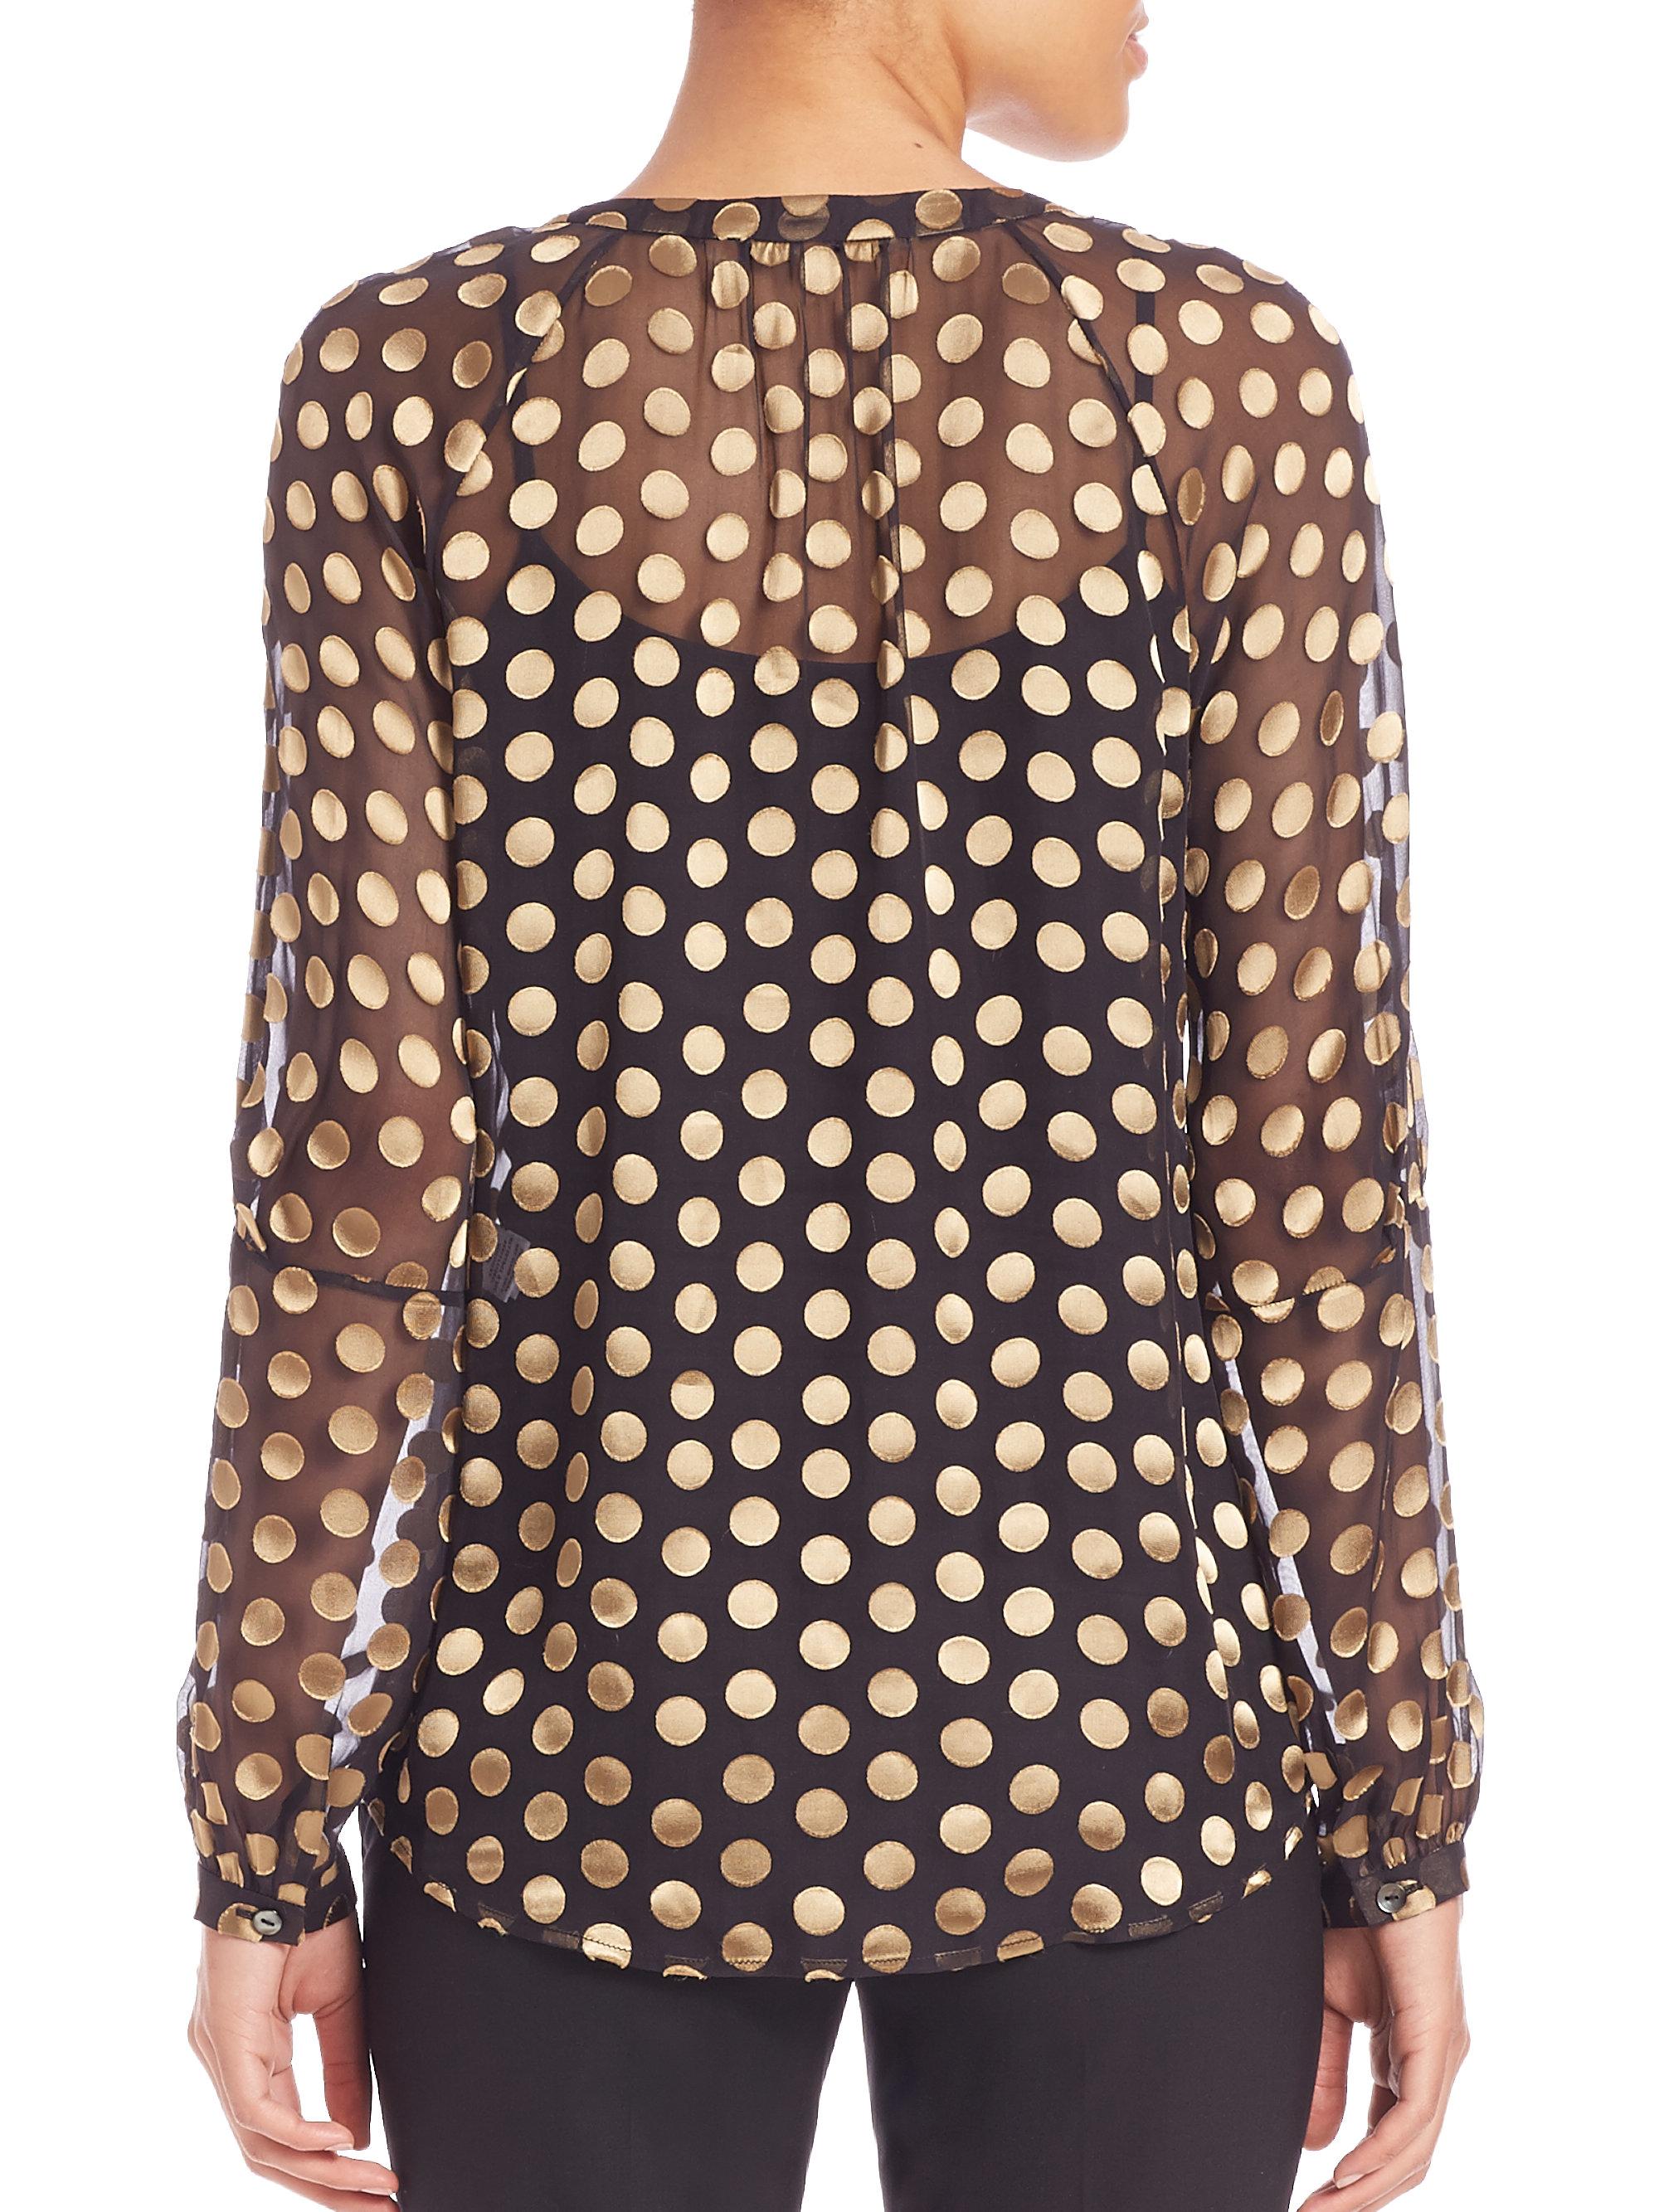 Blue polka dots silk top Diane Von Fürstenberg Cheap Sale Top Quality Shopping Online Buy Cheap Best Seller ae6oV